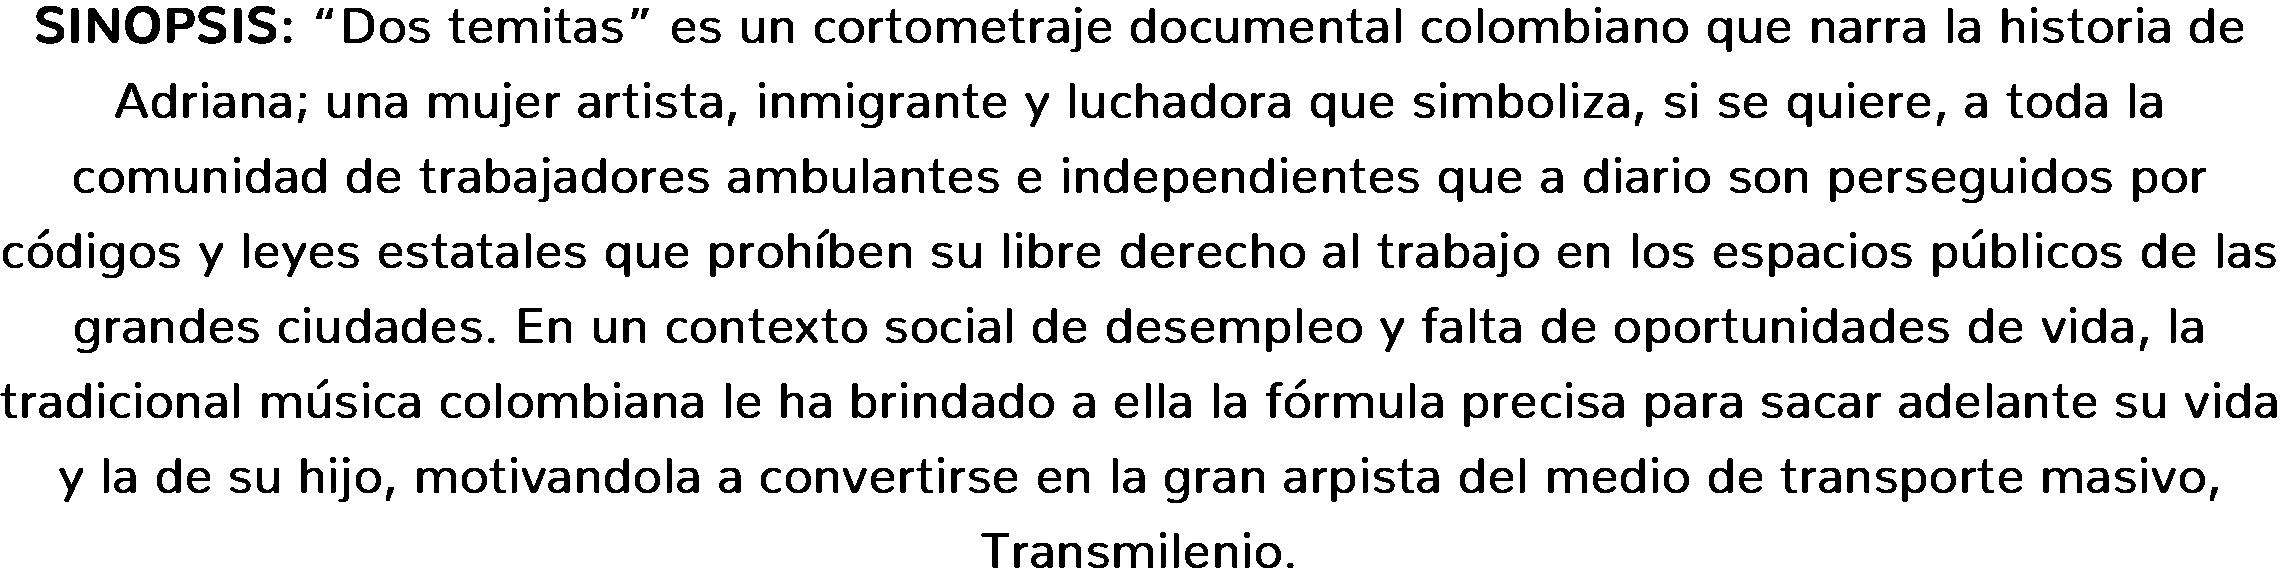 TEXTO1DOSTEMIAS.png